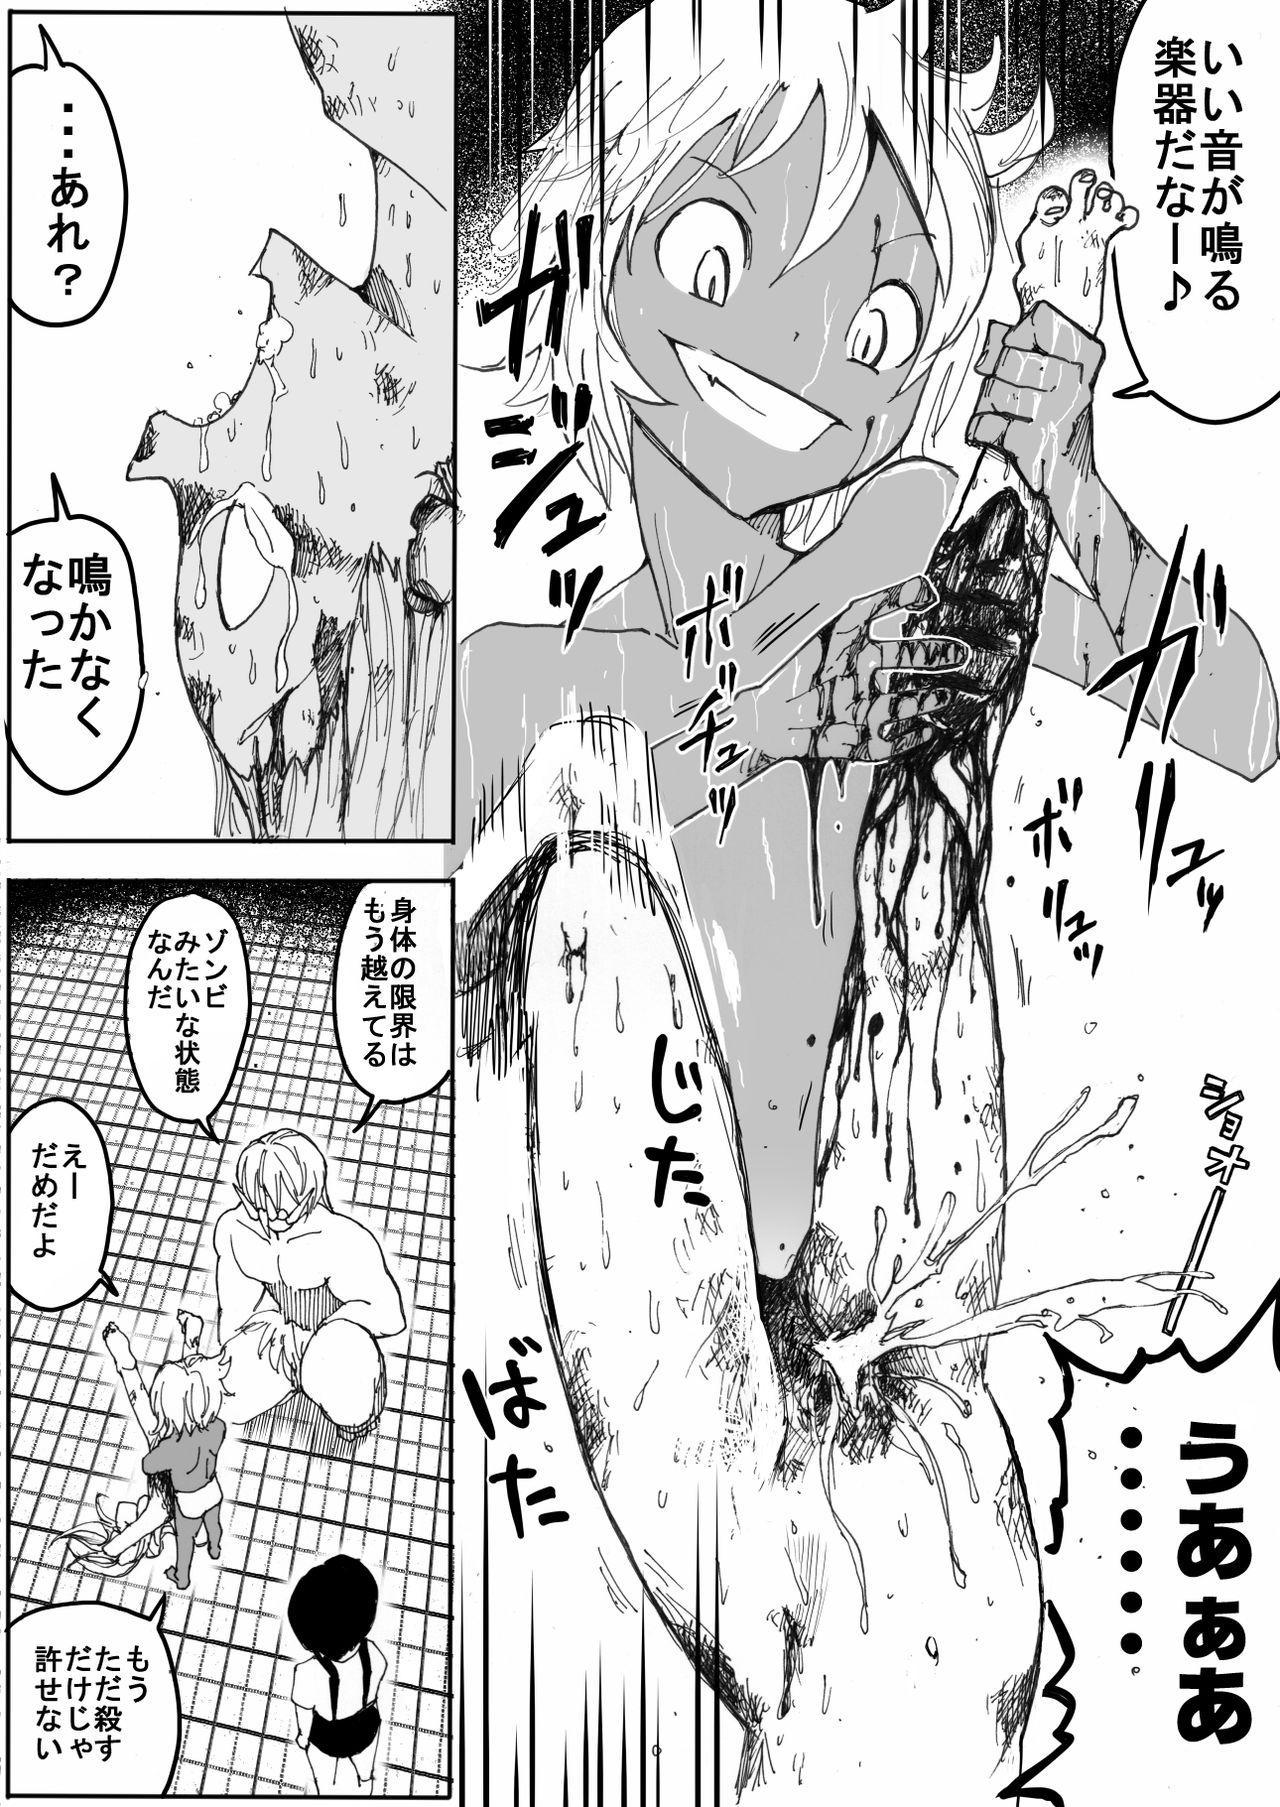 Sukumizu Senshi Ryona Manga 5 12